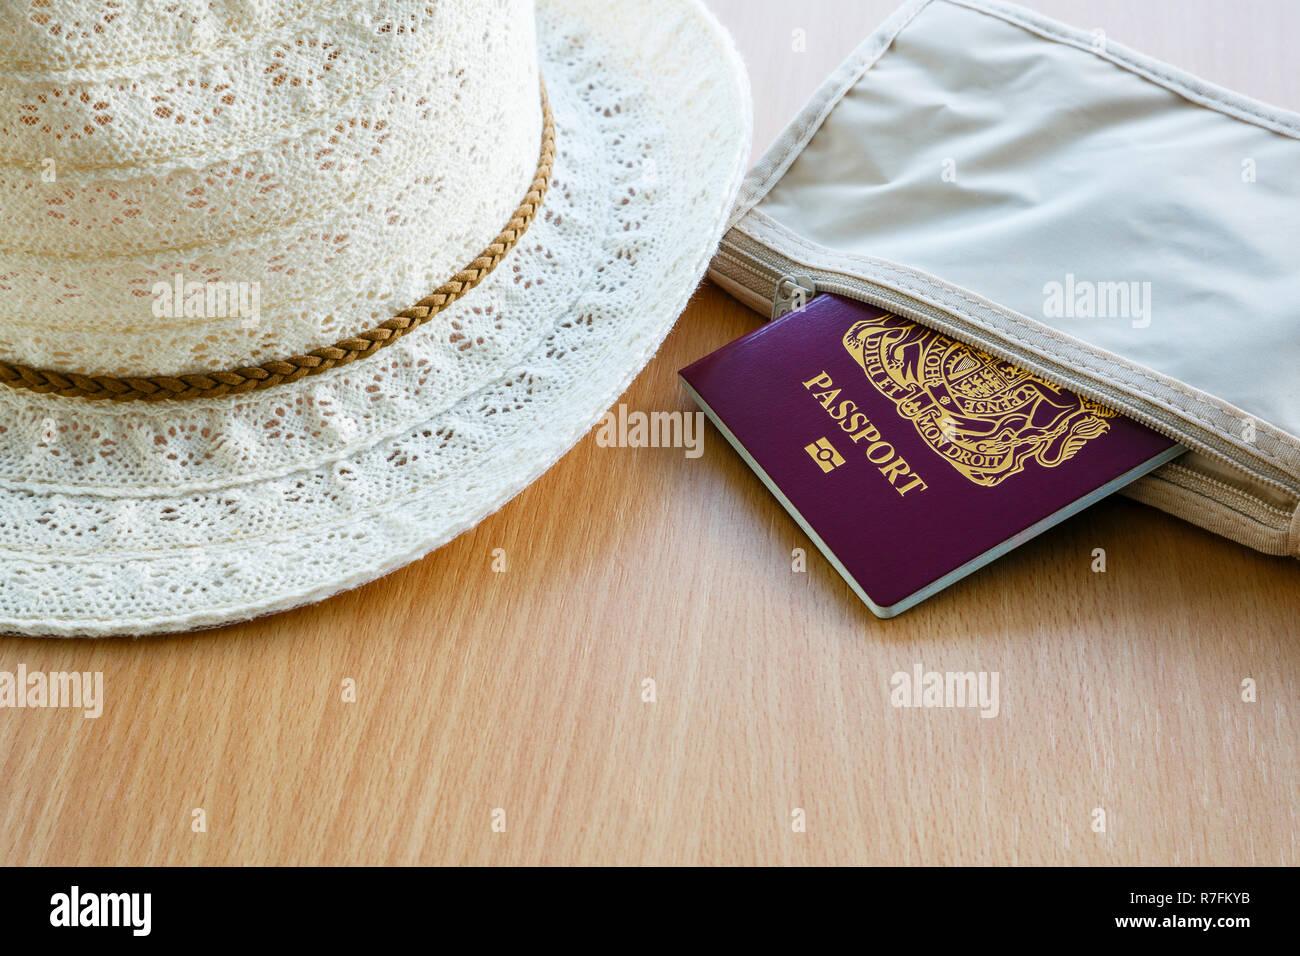 Cose di viaggio per viaggiare all'estero British passaporto biometrico in un portafoglio con lady del cappello sul tavolo. Inghilterra, Regno Unito, Gran Bretagna Immagini Stock